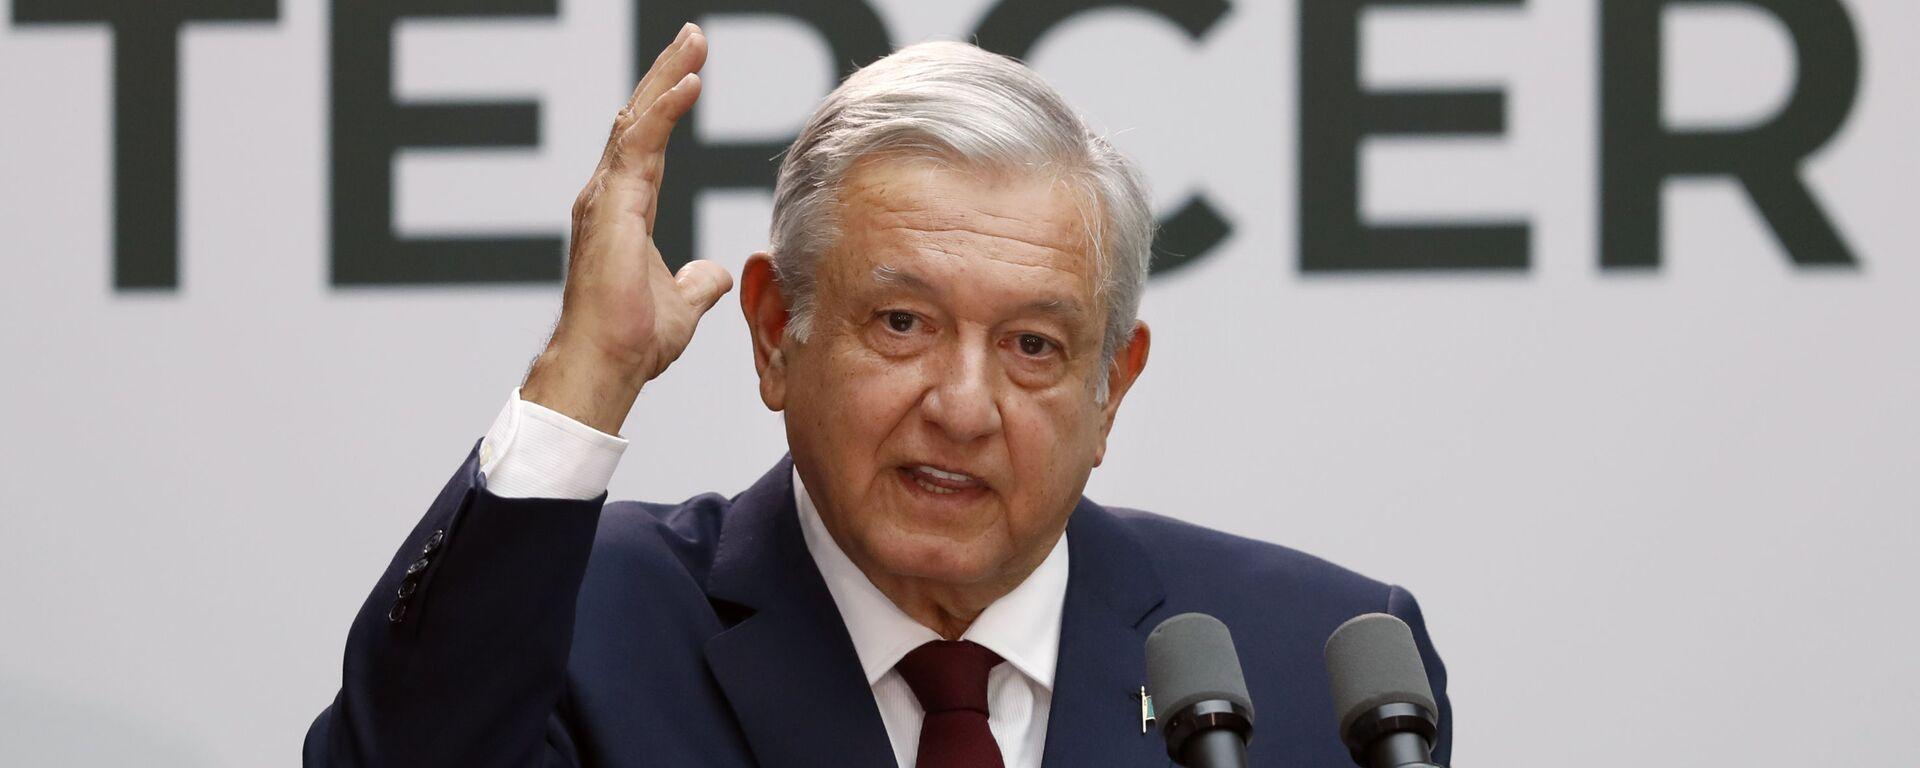 Andrés Manuel López Obrado, presidente mexicano - Sputnik Mundo, 1920, 27.07.2021